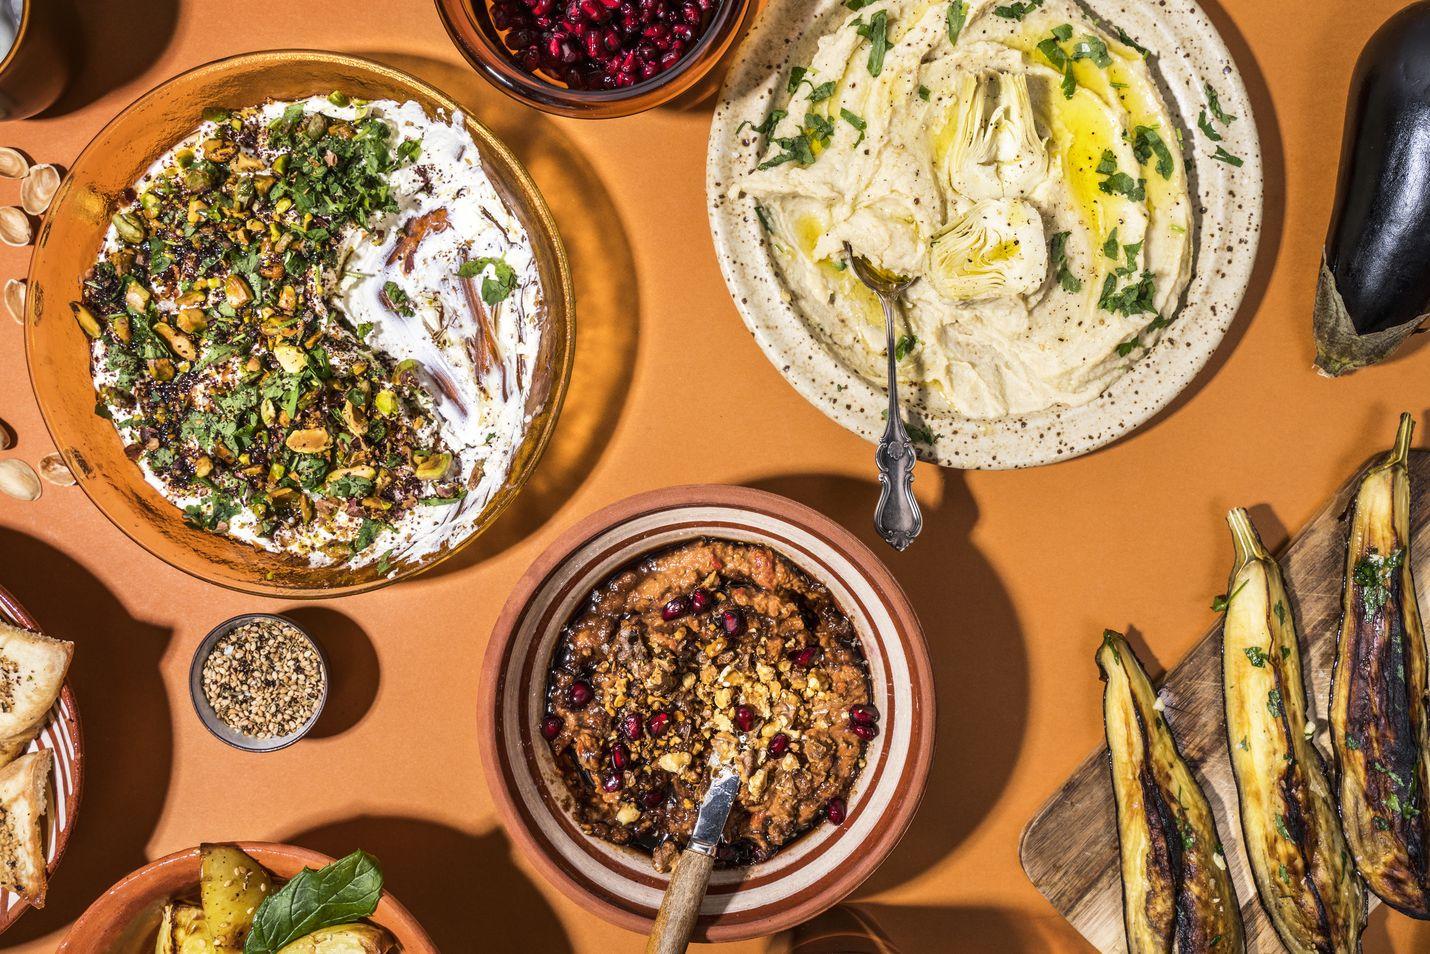 Tarjoile tahnat huoneenlämpöisinä, sillä kylminä maut eivät pääse kunnolla esiin. Viimeistele reilulla oliiviöljylorauksella, sormisuolalla ja yrteillä.